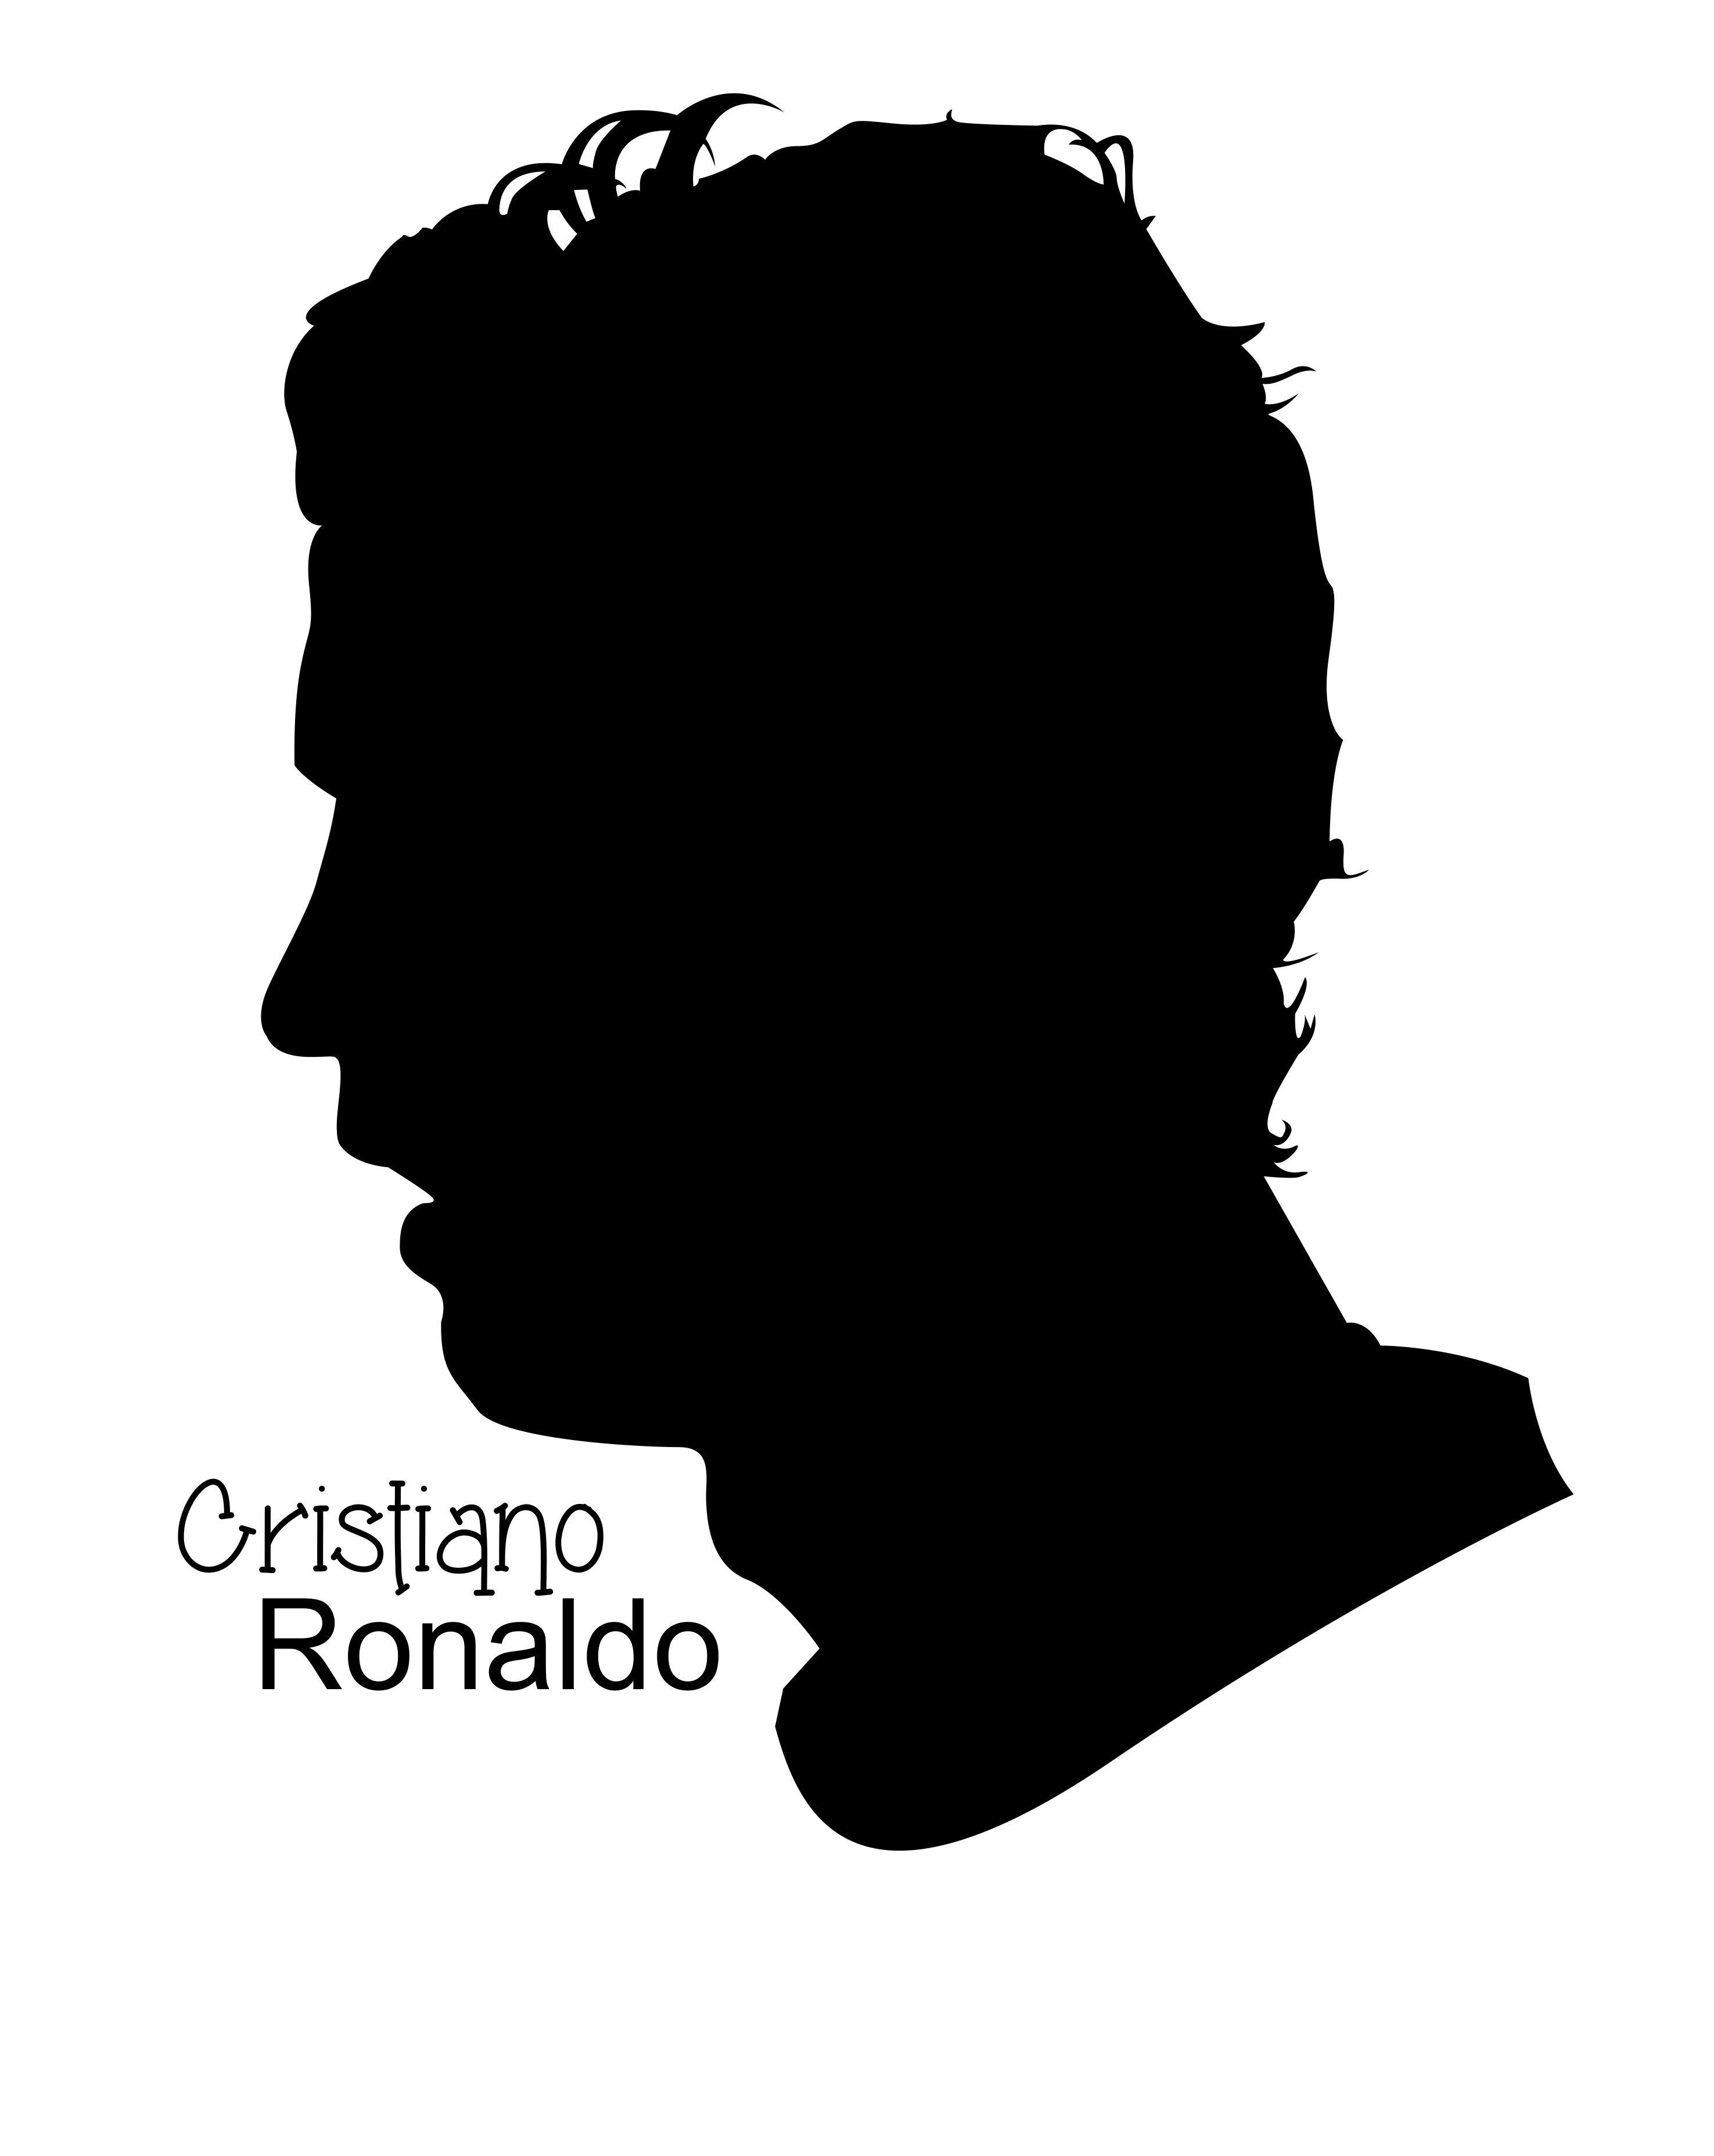 Cristiano Ronaldo In Silhouette Silhouette Vector Art Graphicdesign Illustration Coreldraw People Ronaldo Cristiano Ronaldo Cristiano Ronaldo Cr7